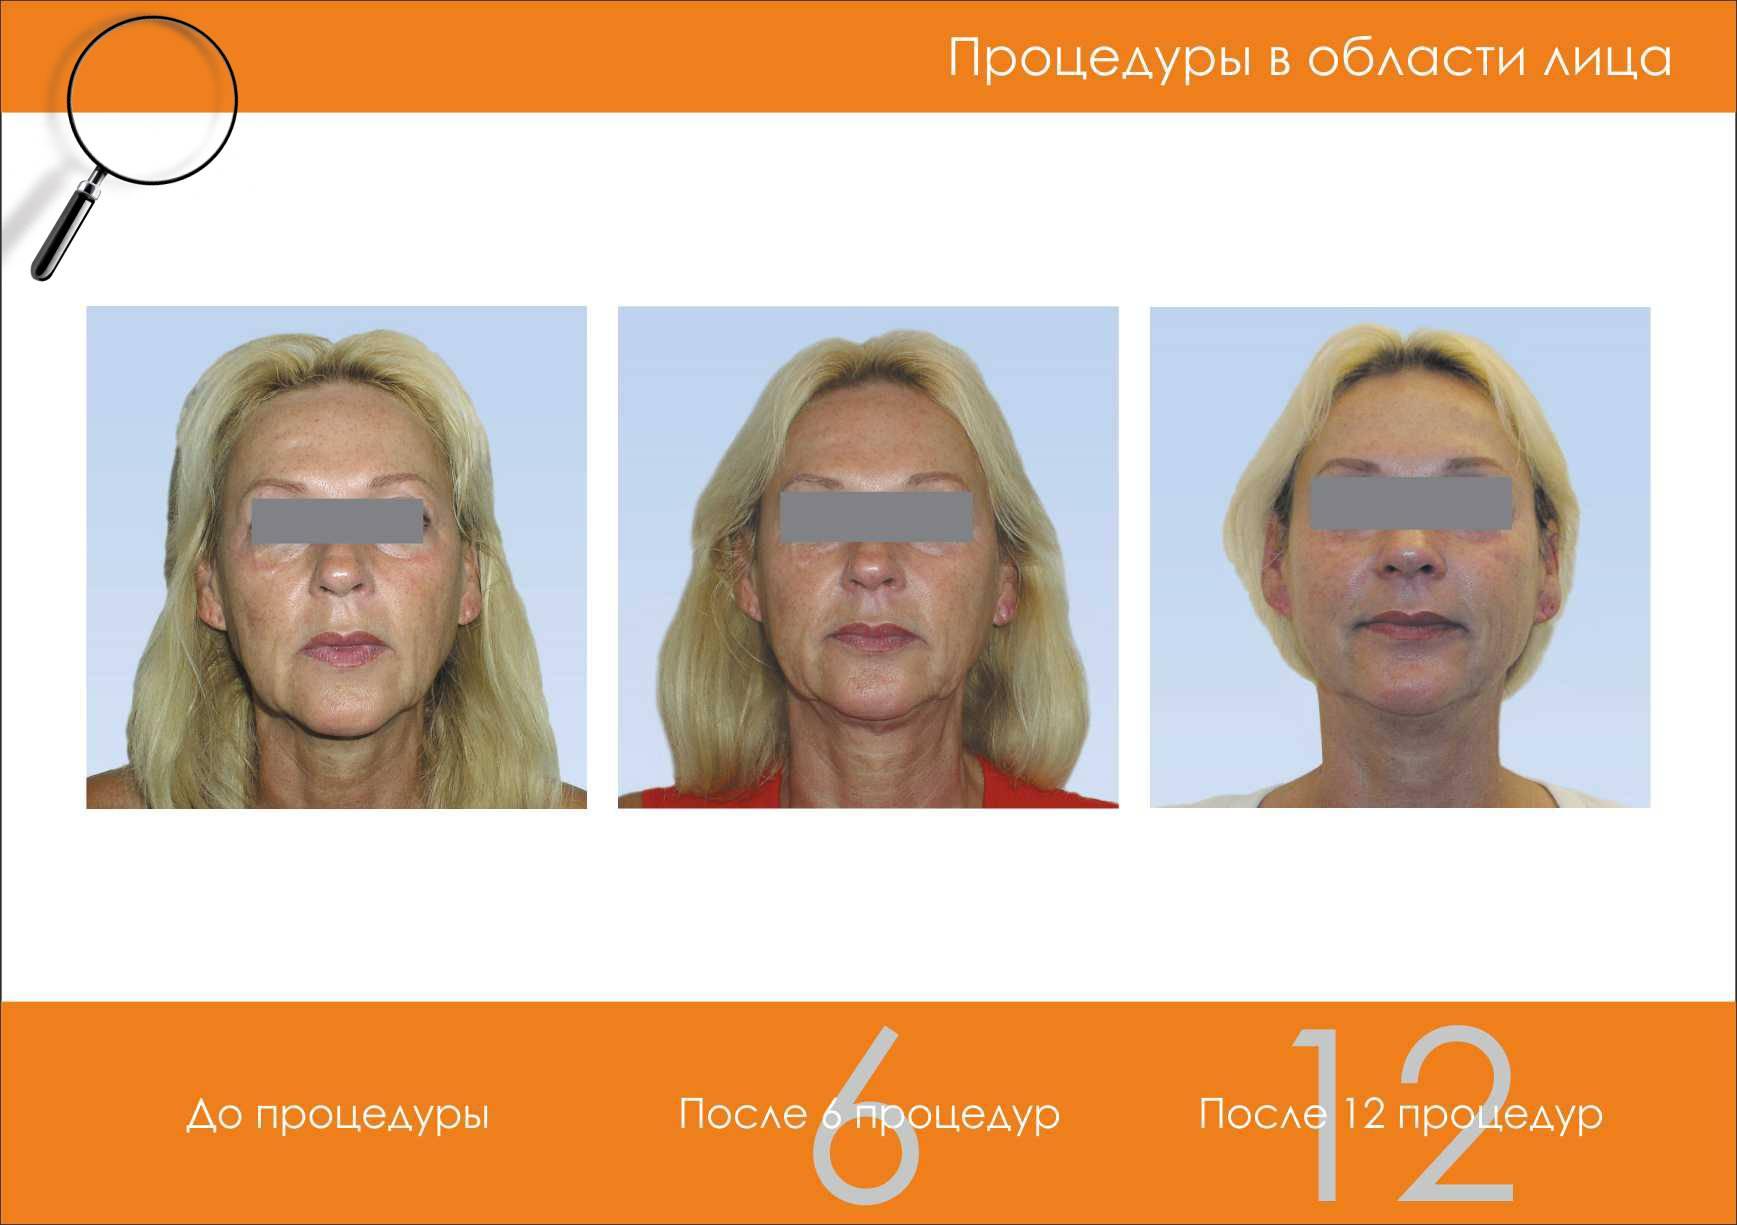 Бьютитек (beautytek) – безоперационная подтяжка лица и тела